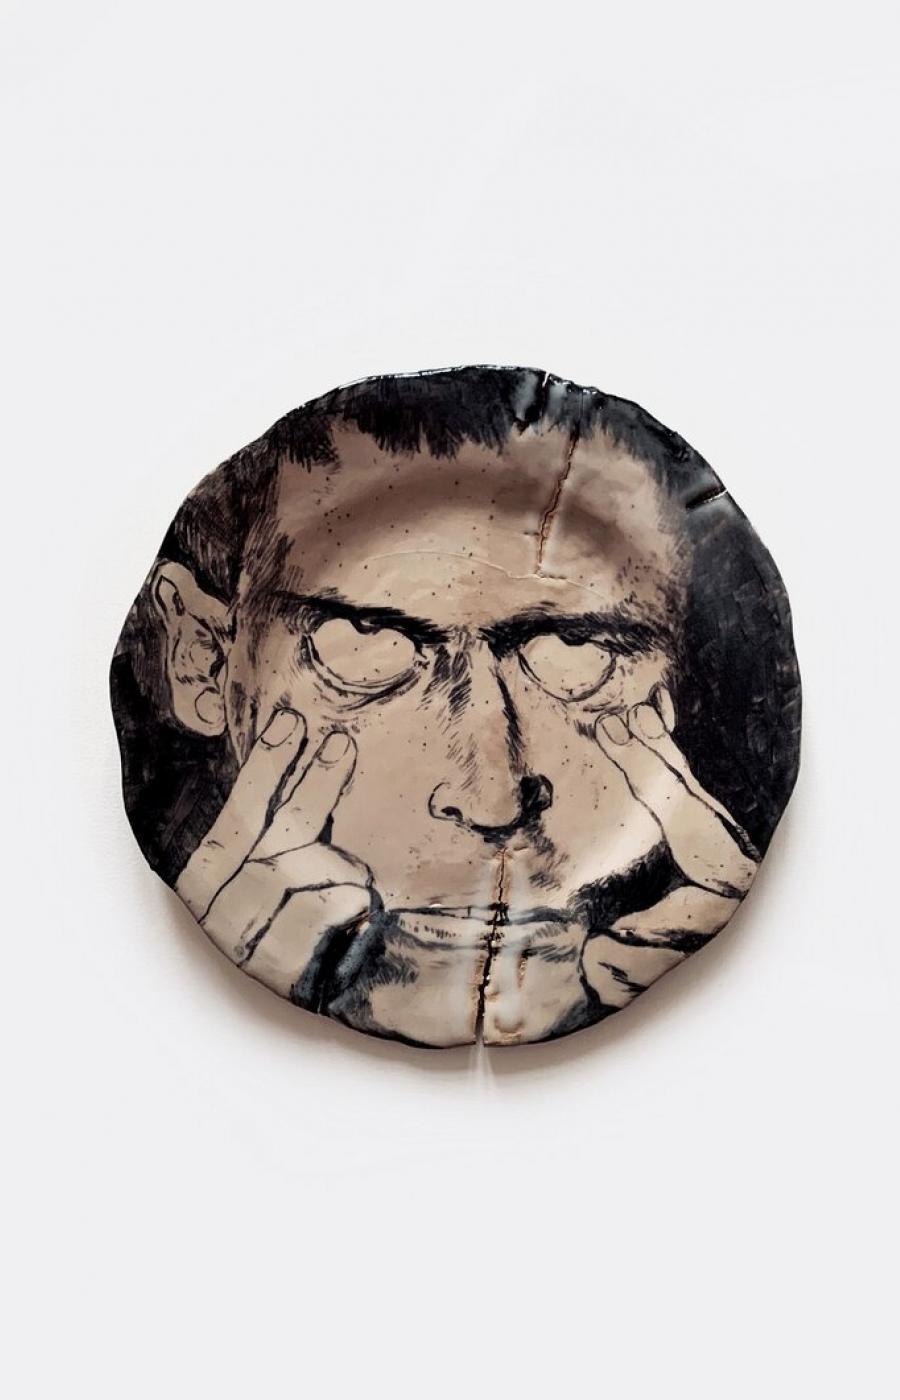 <b>Clément Bataille</b>, <em>Portrait 2</em>, Grès oxydé et émaillé à haute température, 2019 /23x23x3cm